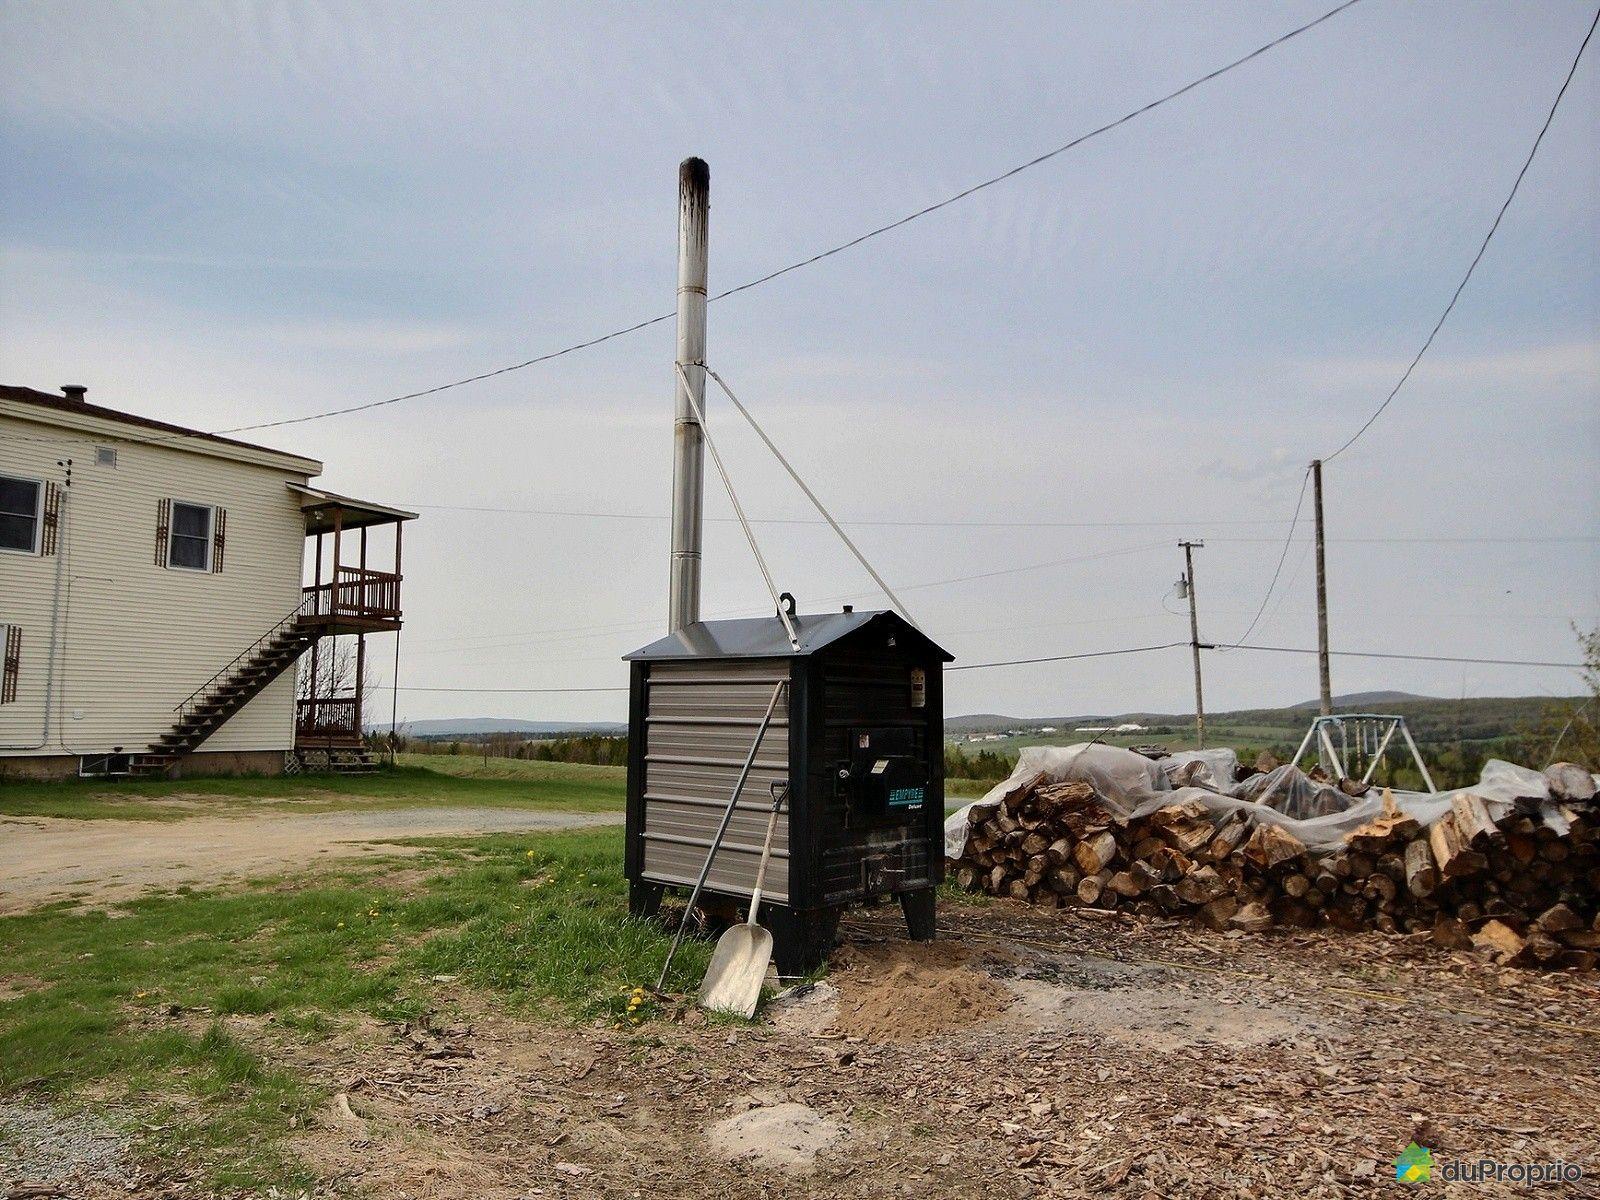 Fermette vendre wotton 138 6e rang immobilier qu bec for Fournaise a bois exterieur